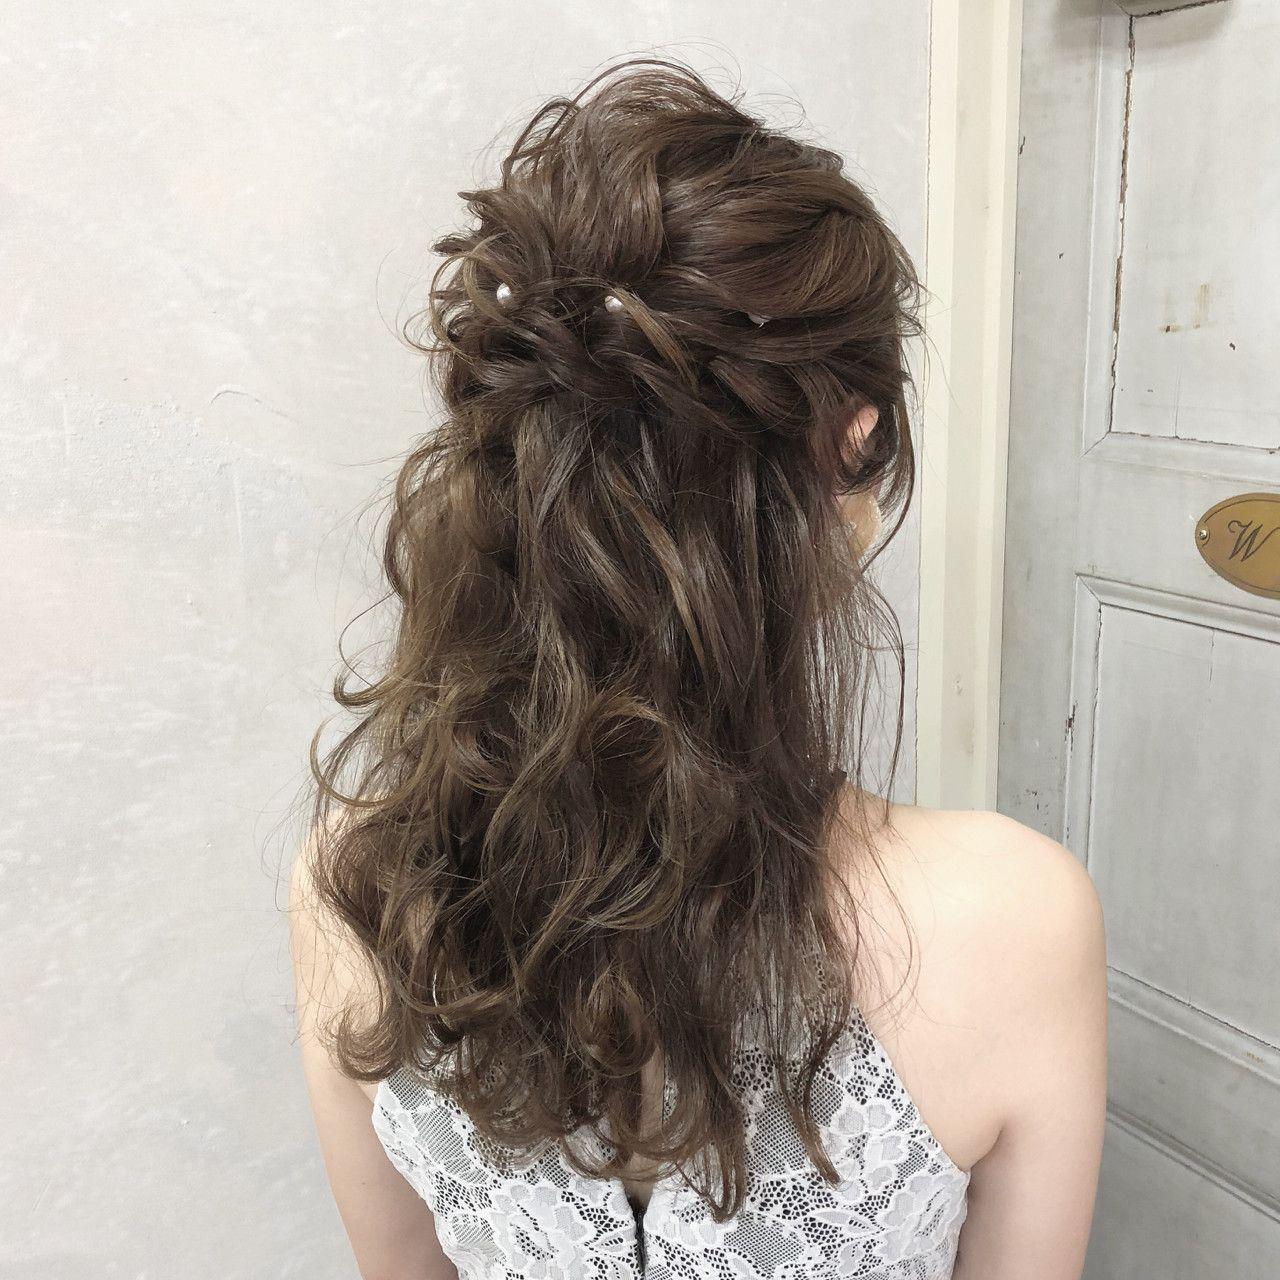 結婚式ヘアはハーフアップで 自分でもできるヘアアレンジもあり 結婚式 ヘアスタイル お呼ばれ ヘアセット ロング 結婚式 ヘアスタイル お呼ばれ ロング